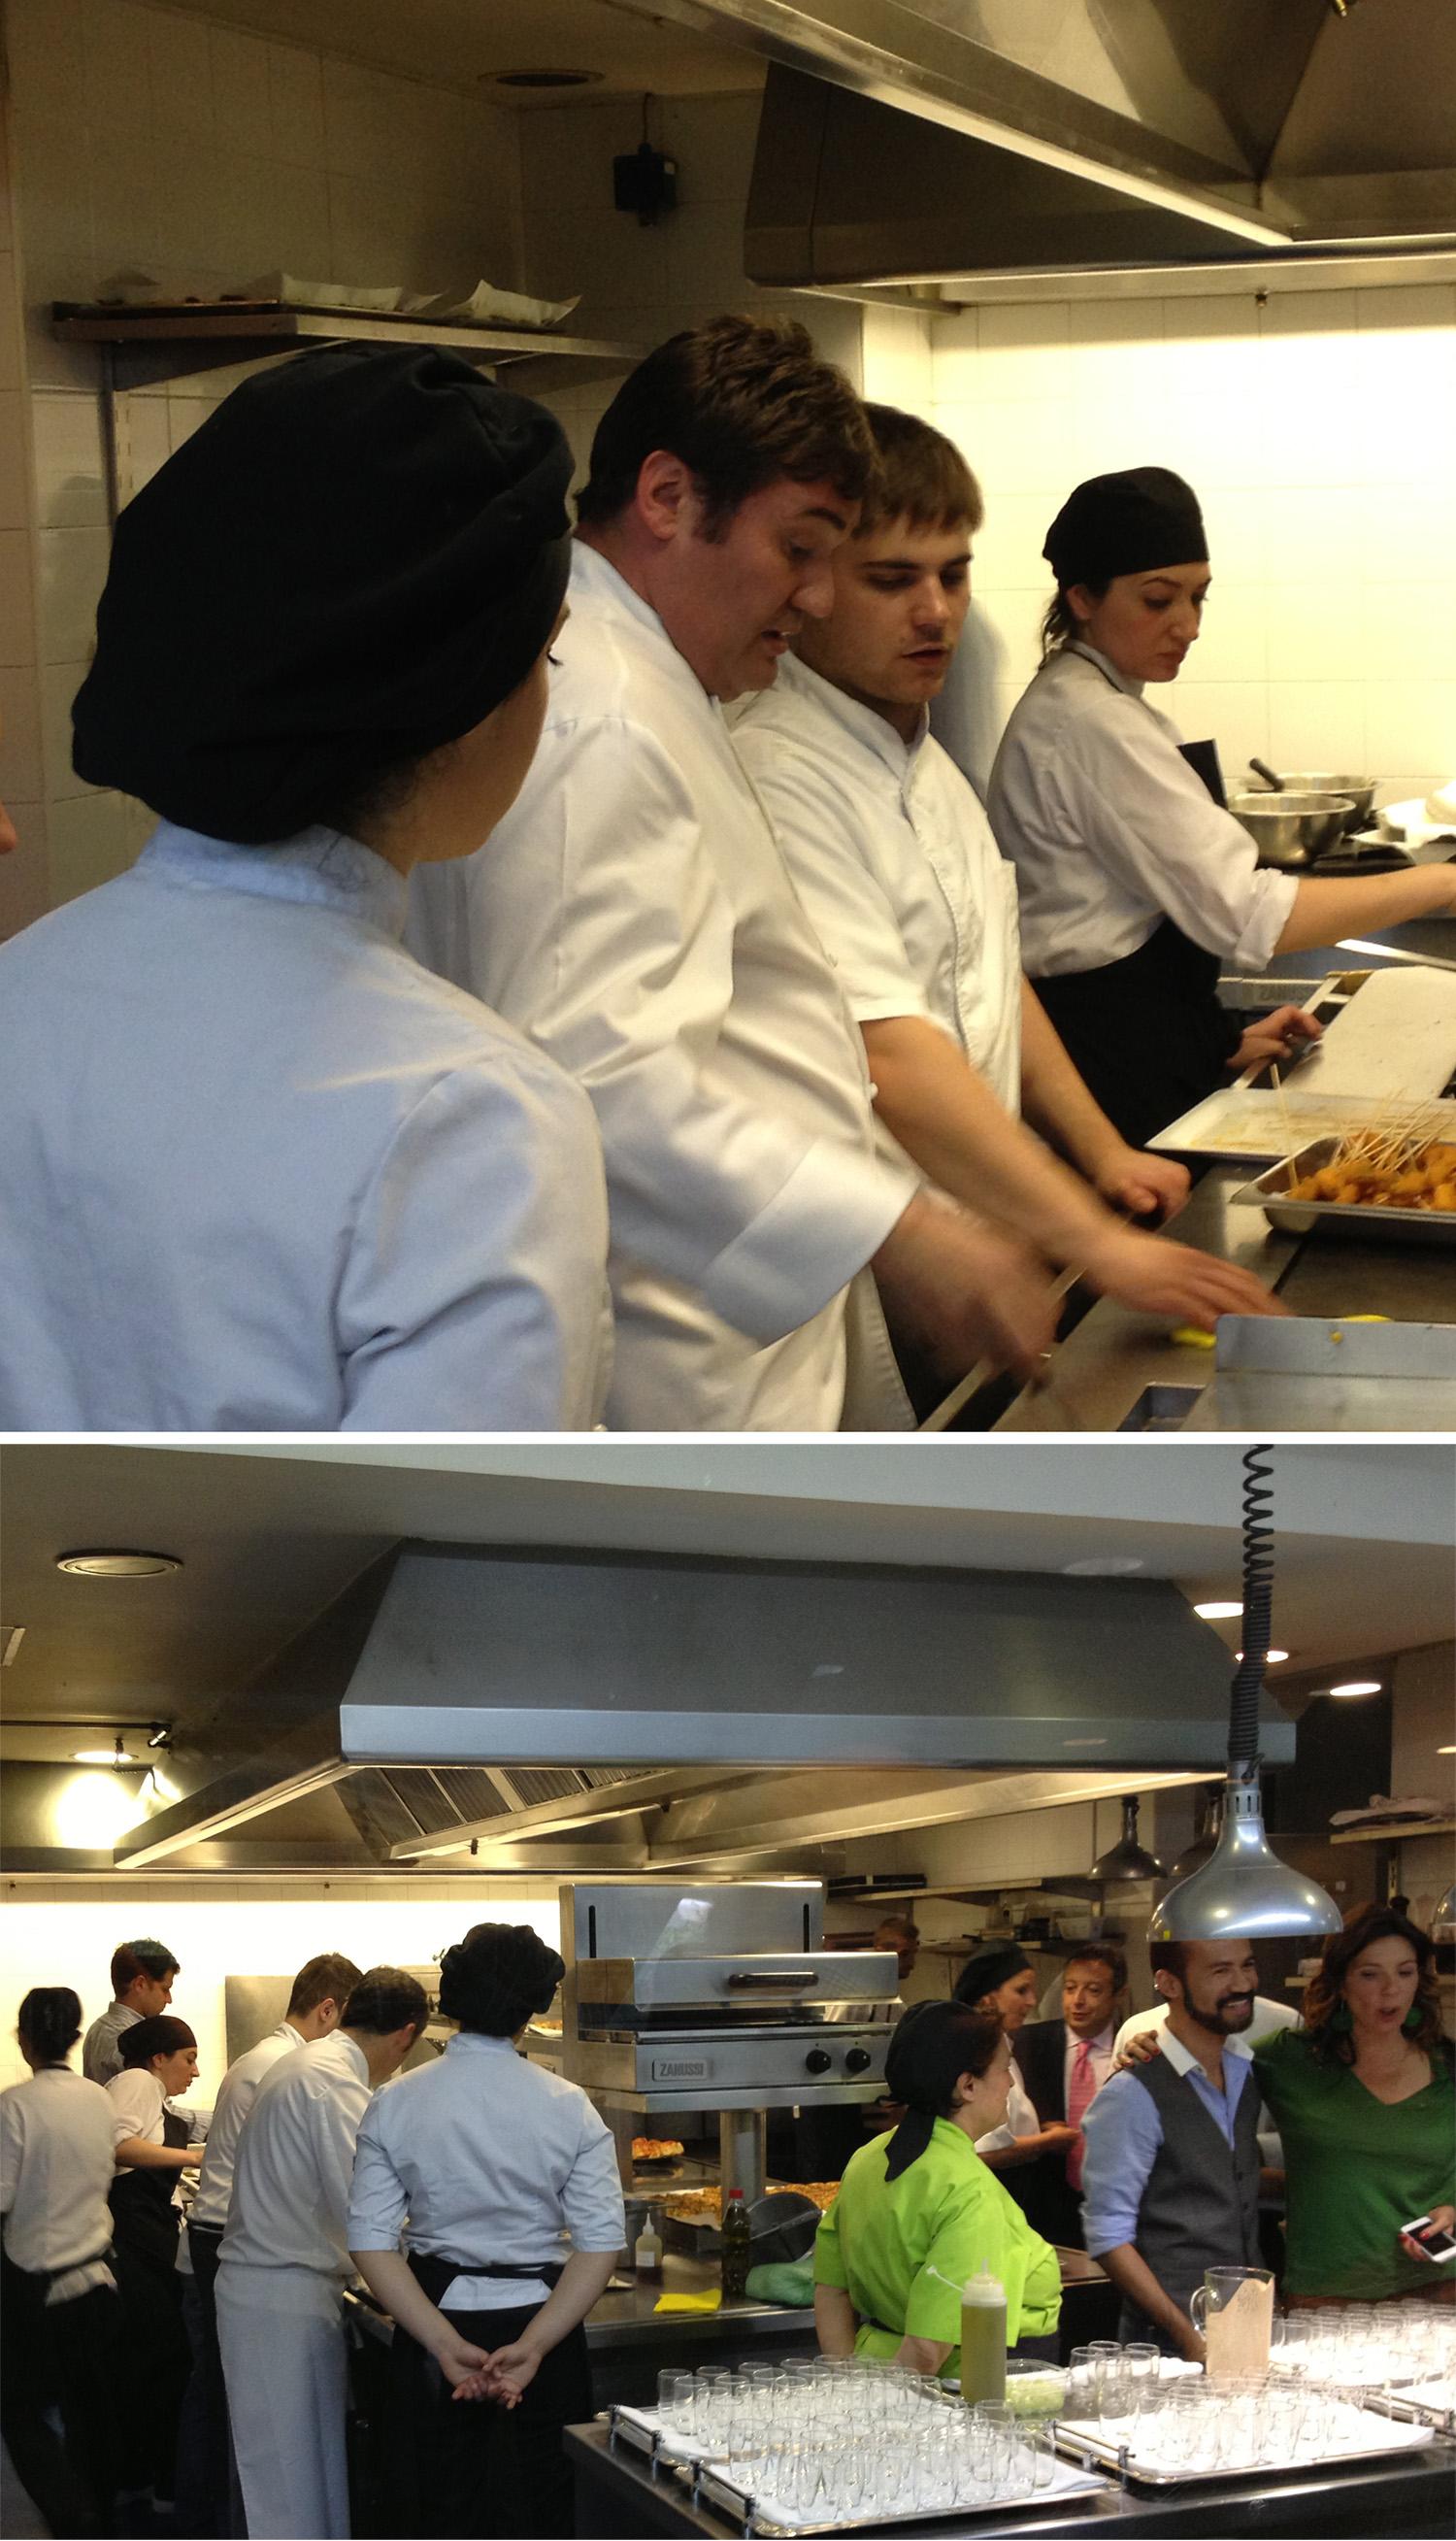 Encuentro-Culinarios-en-torno-al-Arte-y-la-Gastronomía-Raul-aleixandre